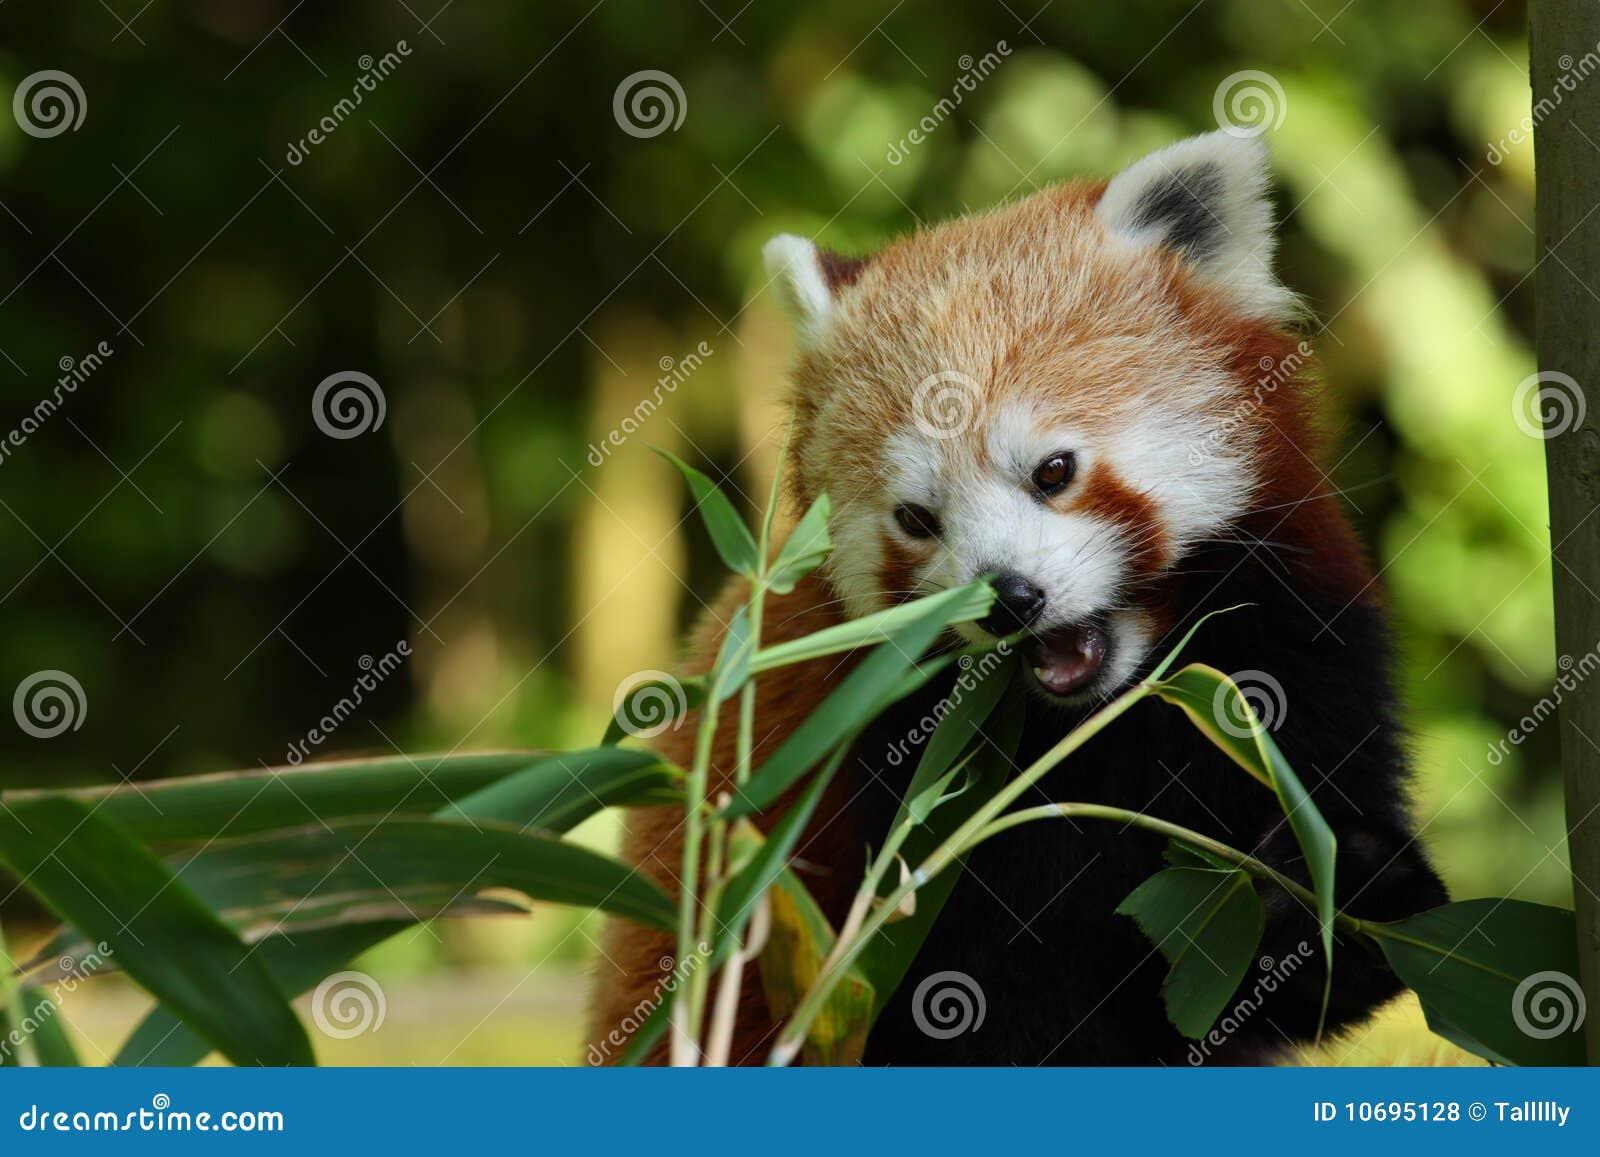 Panda bite - photo#17